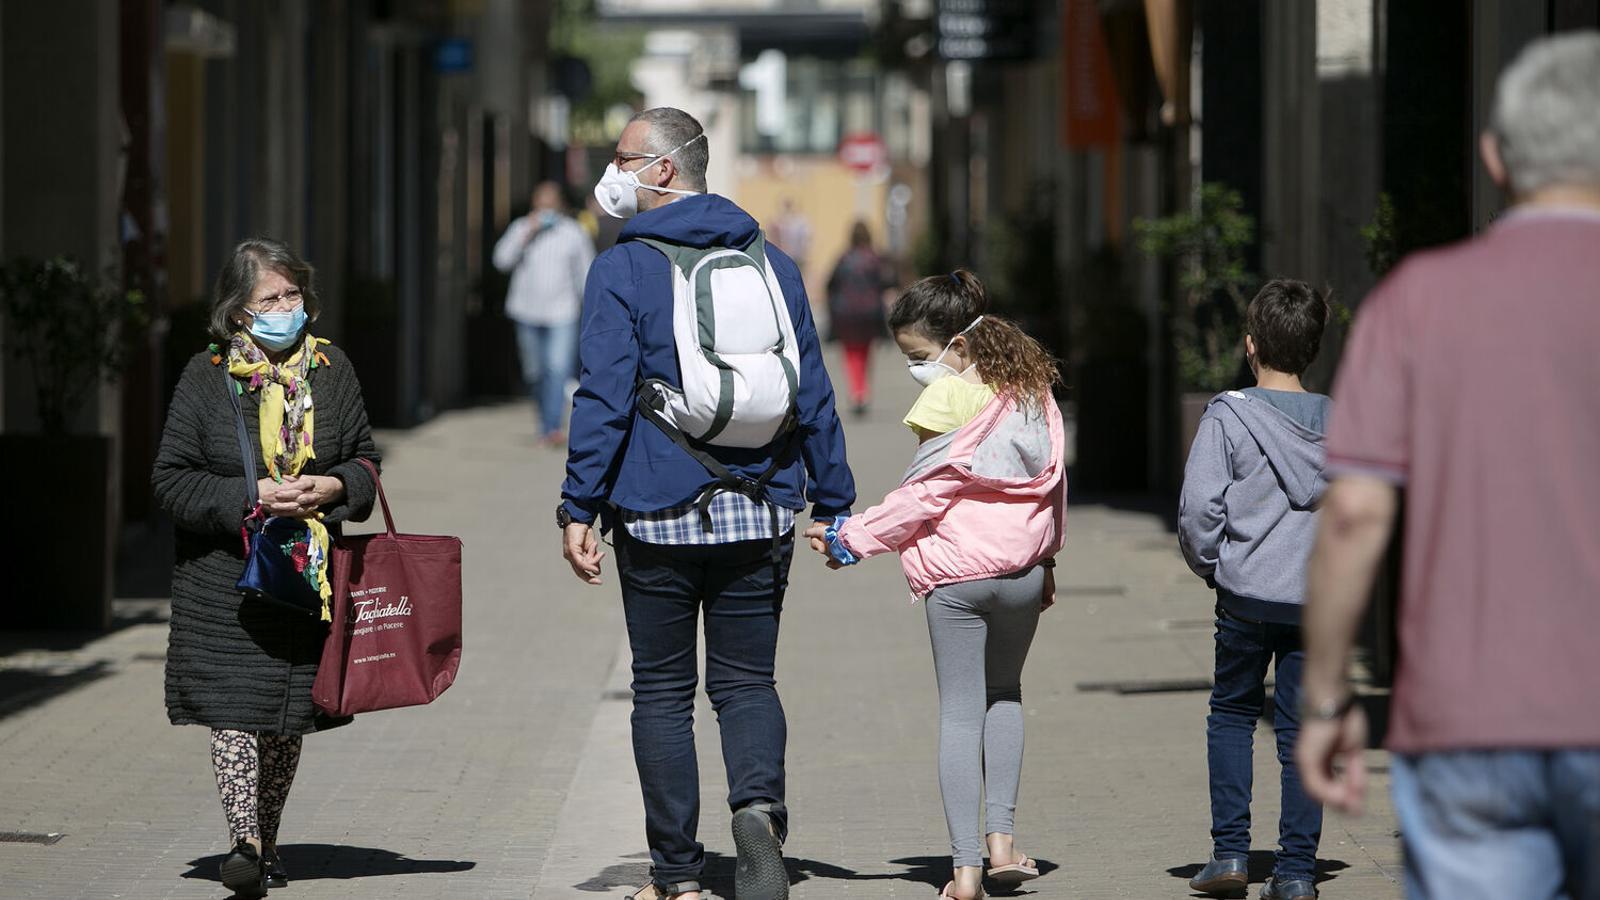 Multa de 100 euros a qui vagi sense mascareta als espais públics a Catalunya